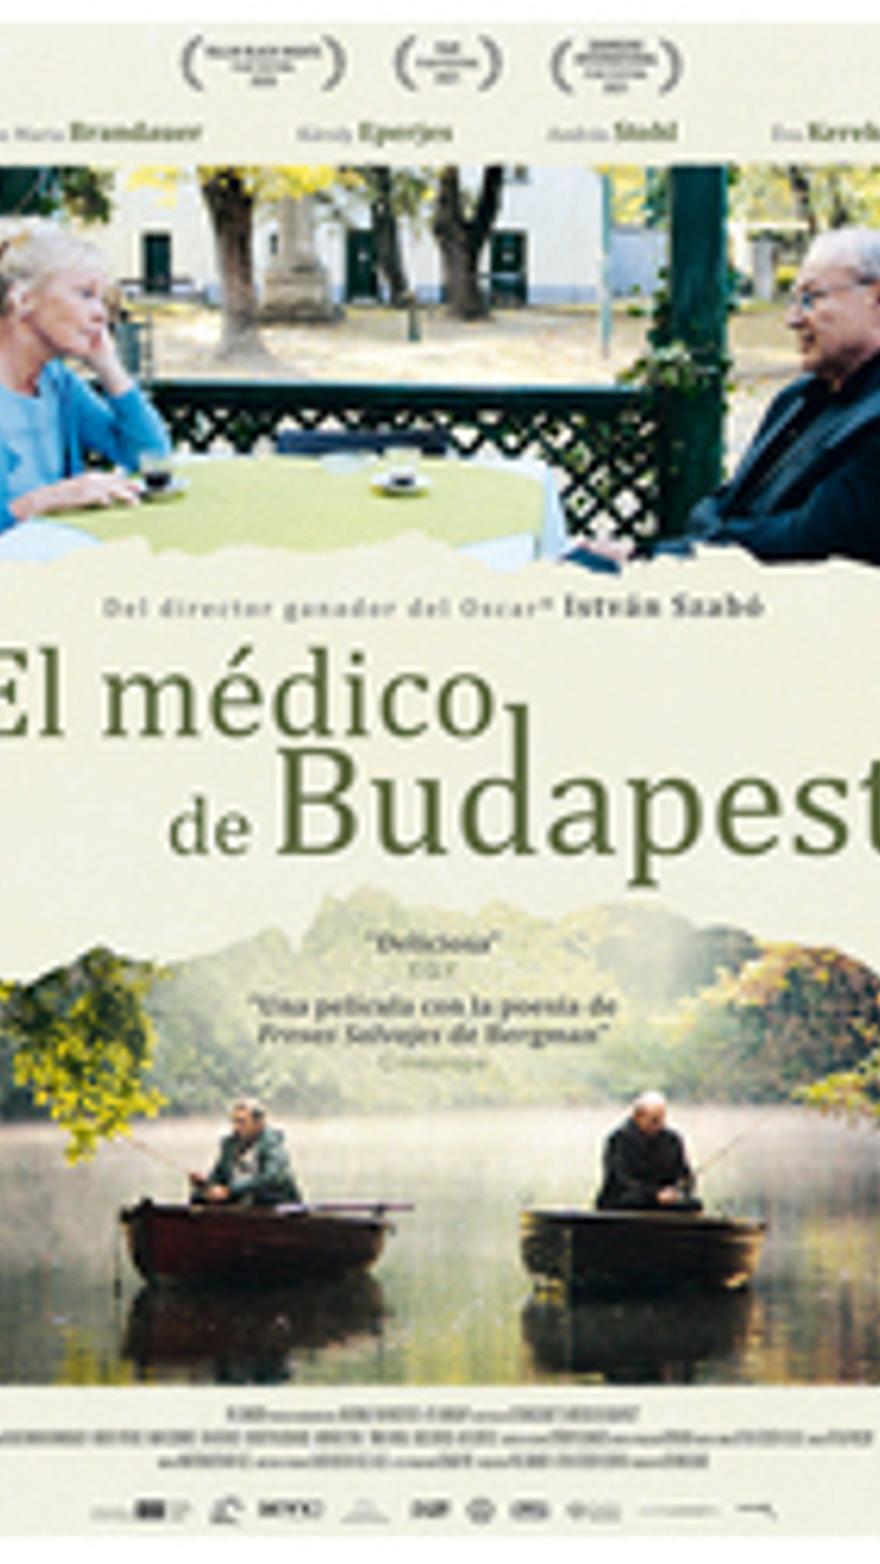 El médico de Budapest